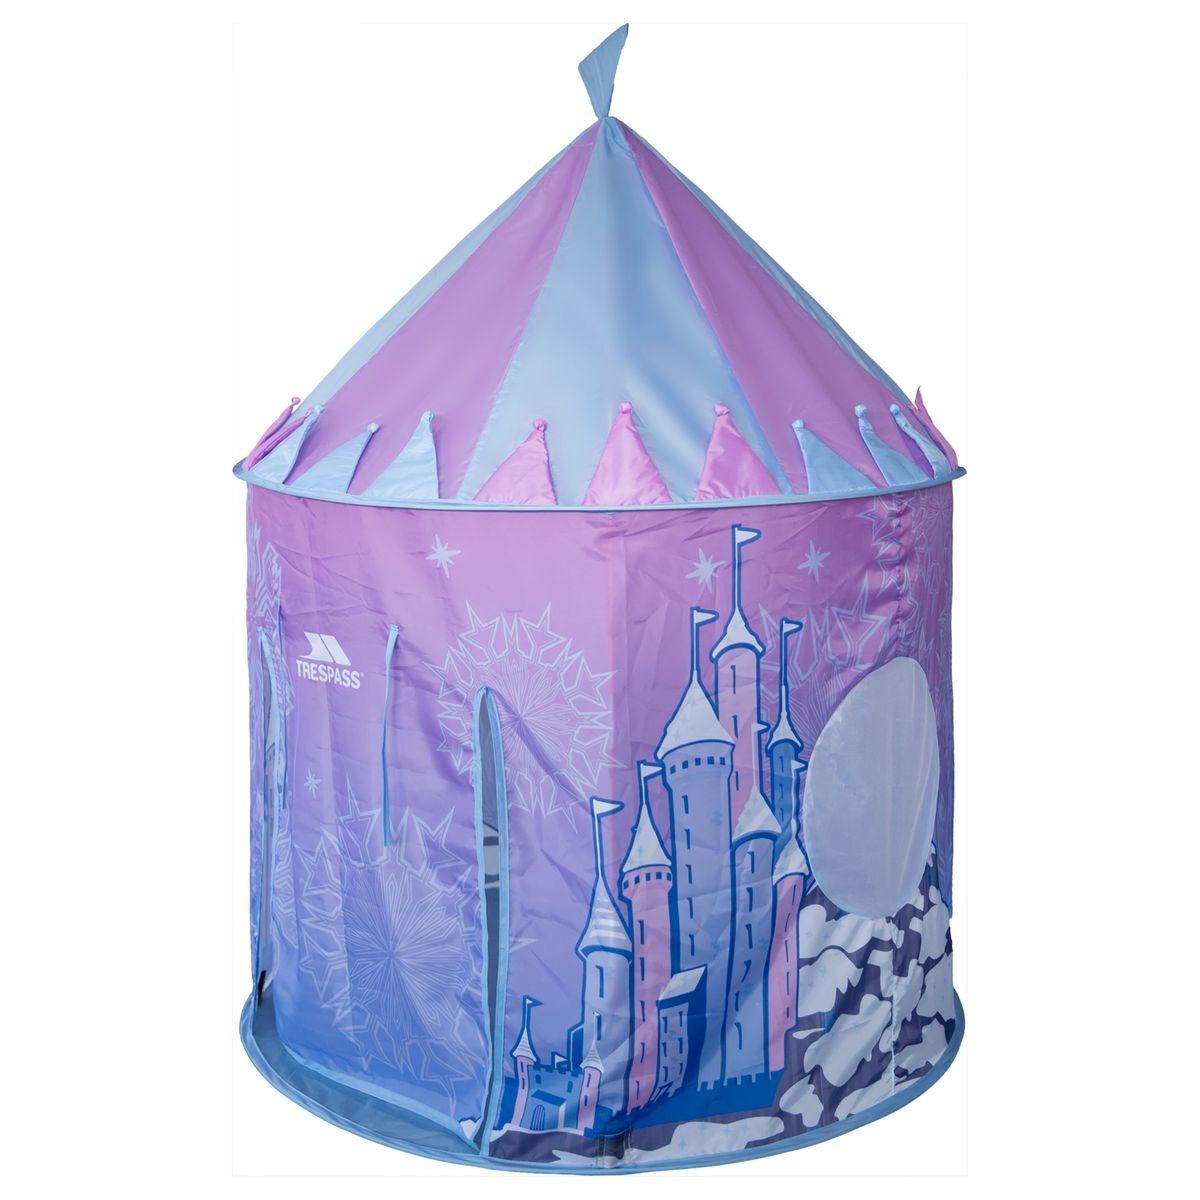 CHATEAU Tente de jeu pop up pour enfants